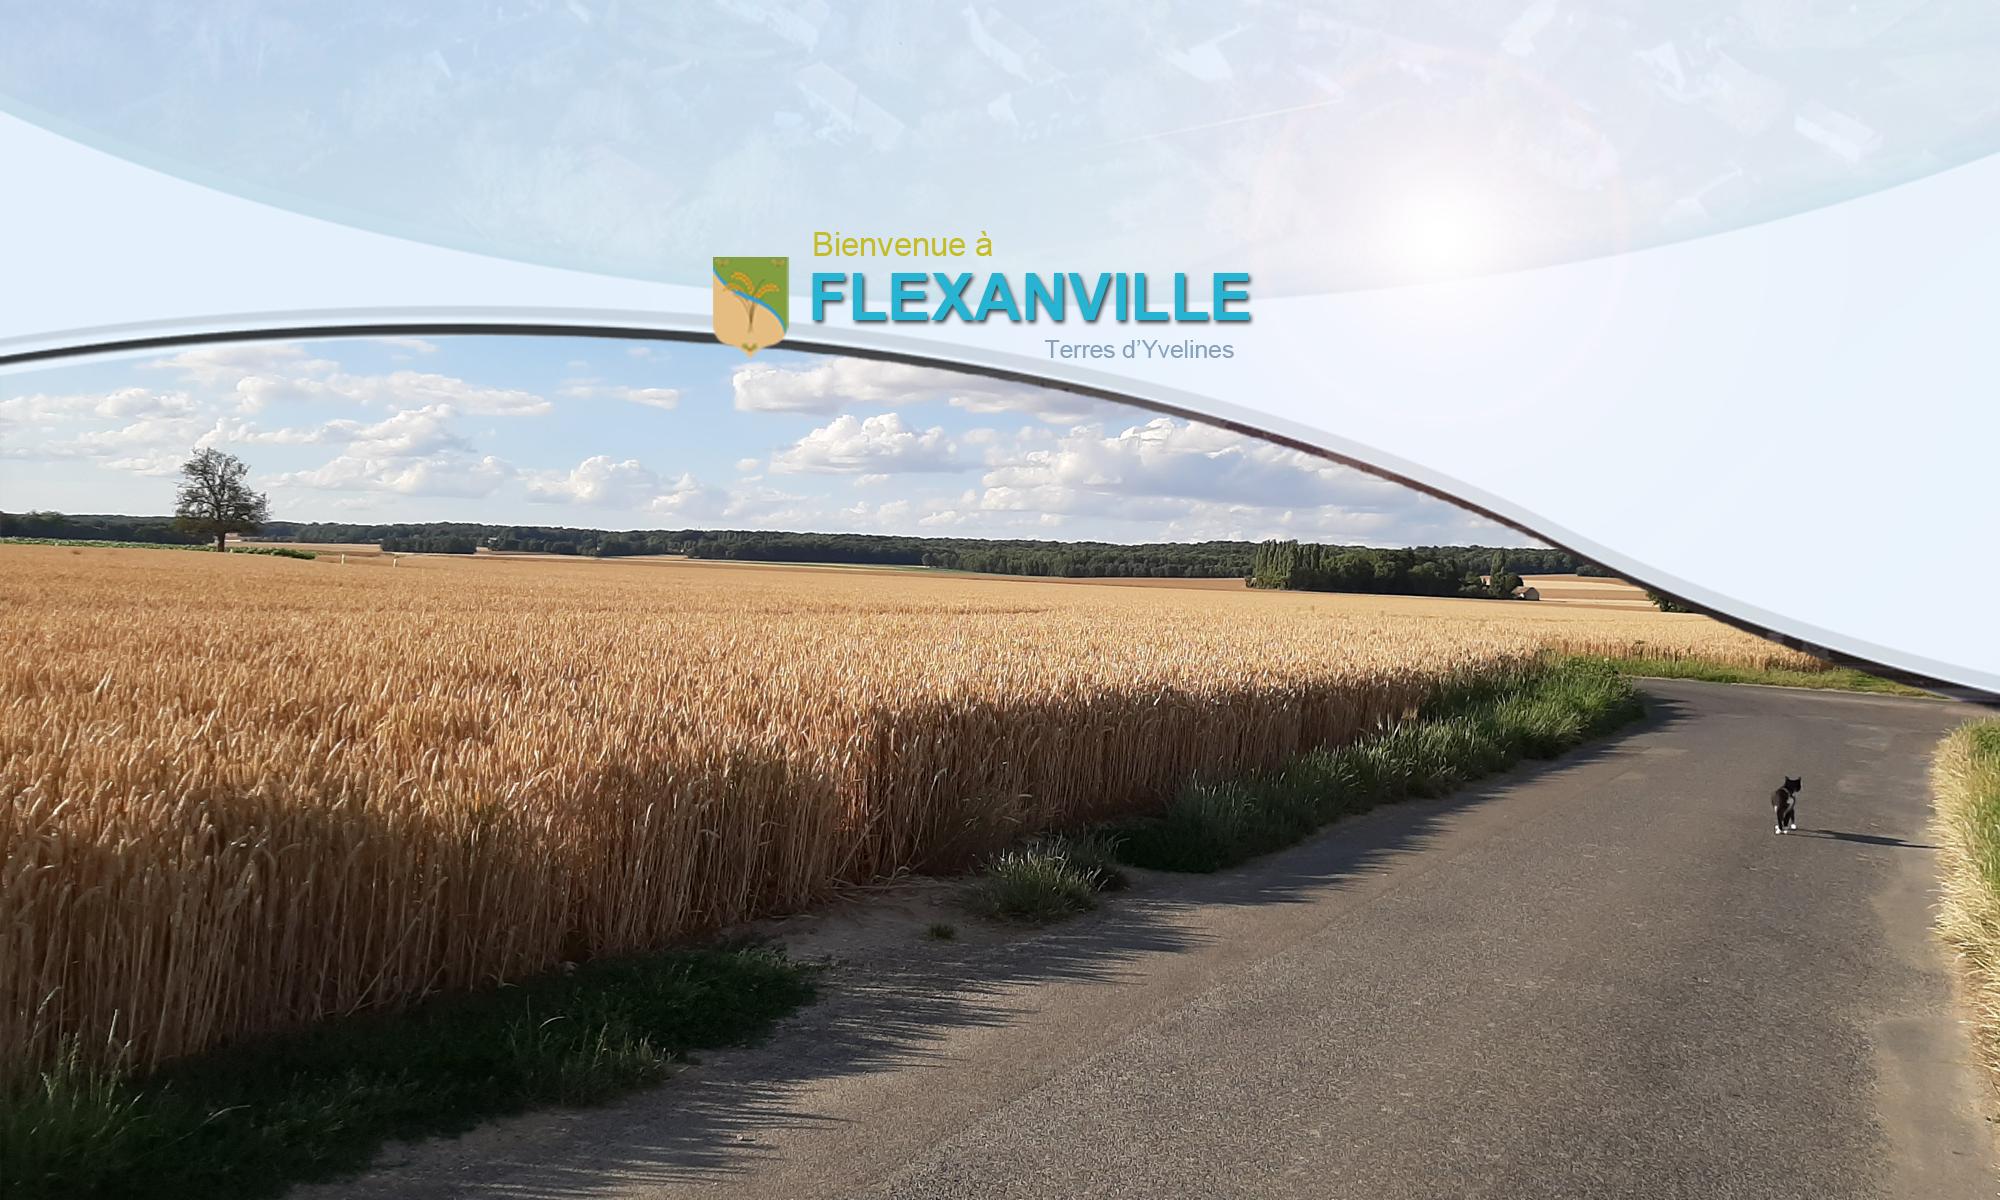 Flexanville